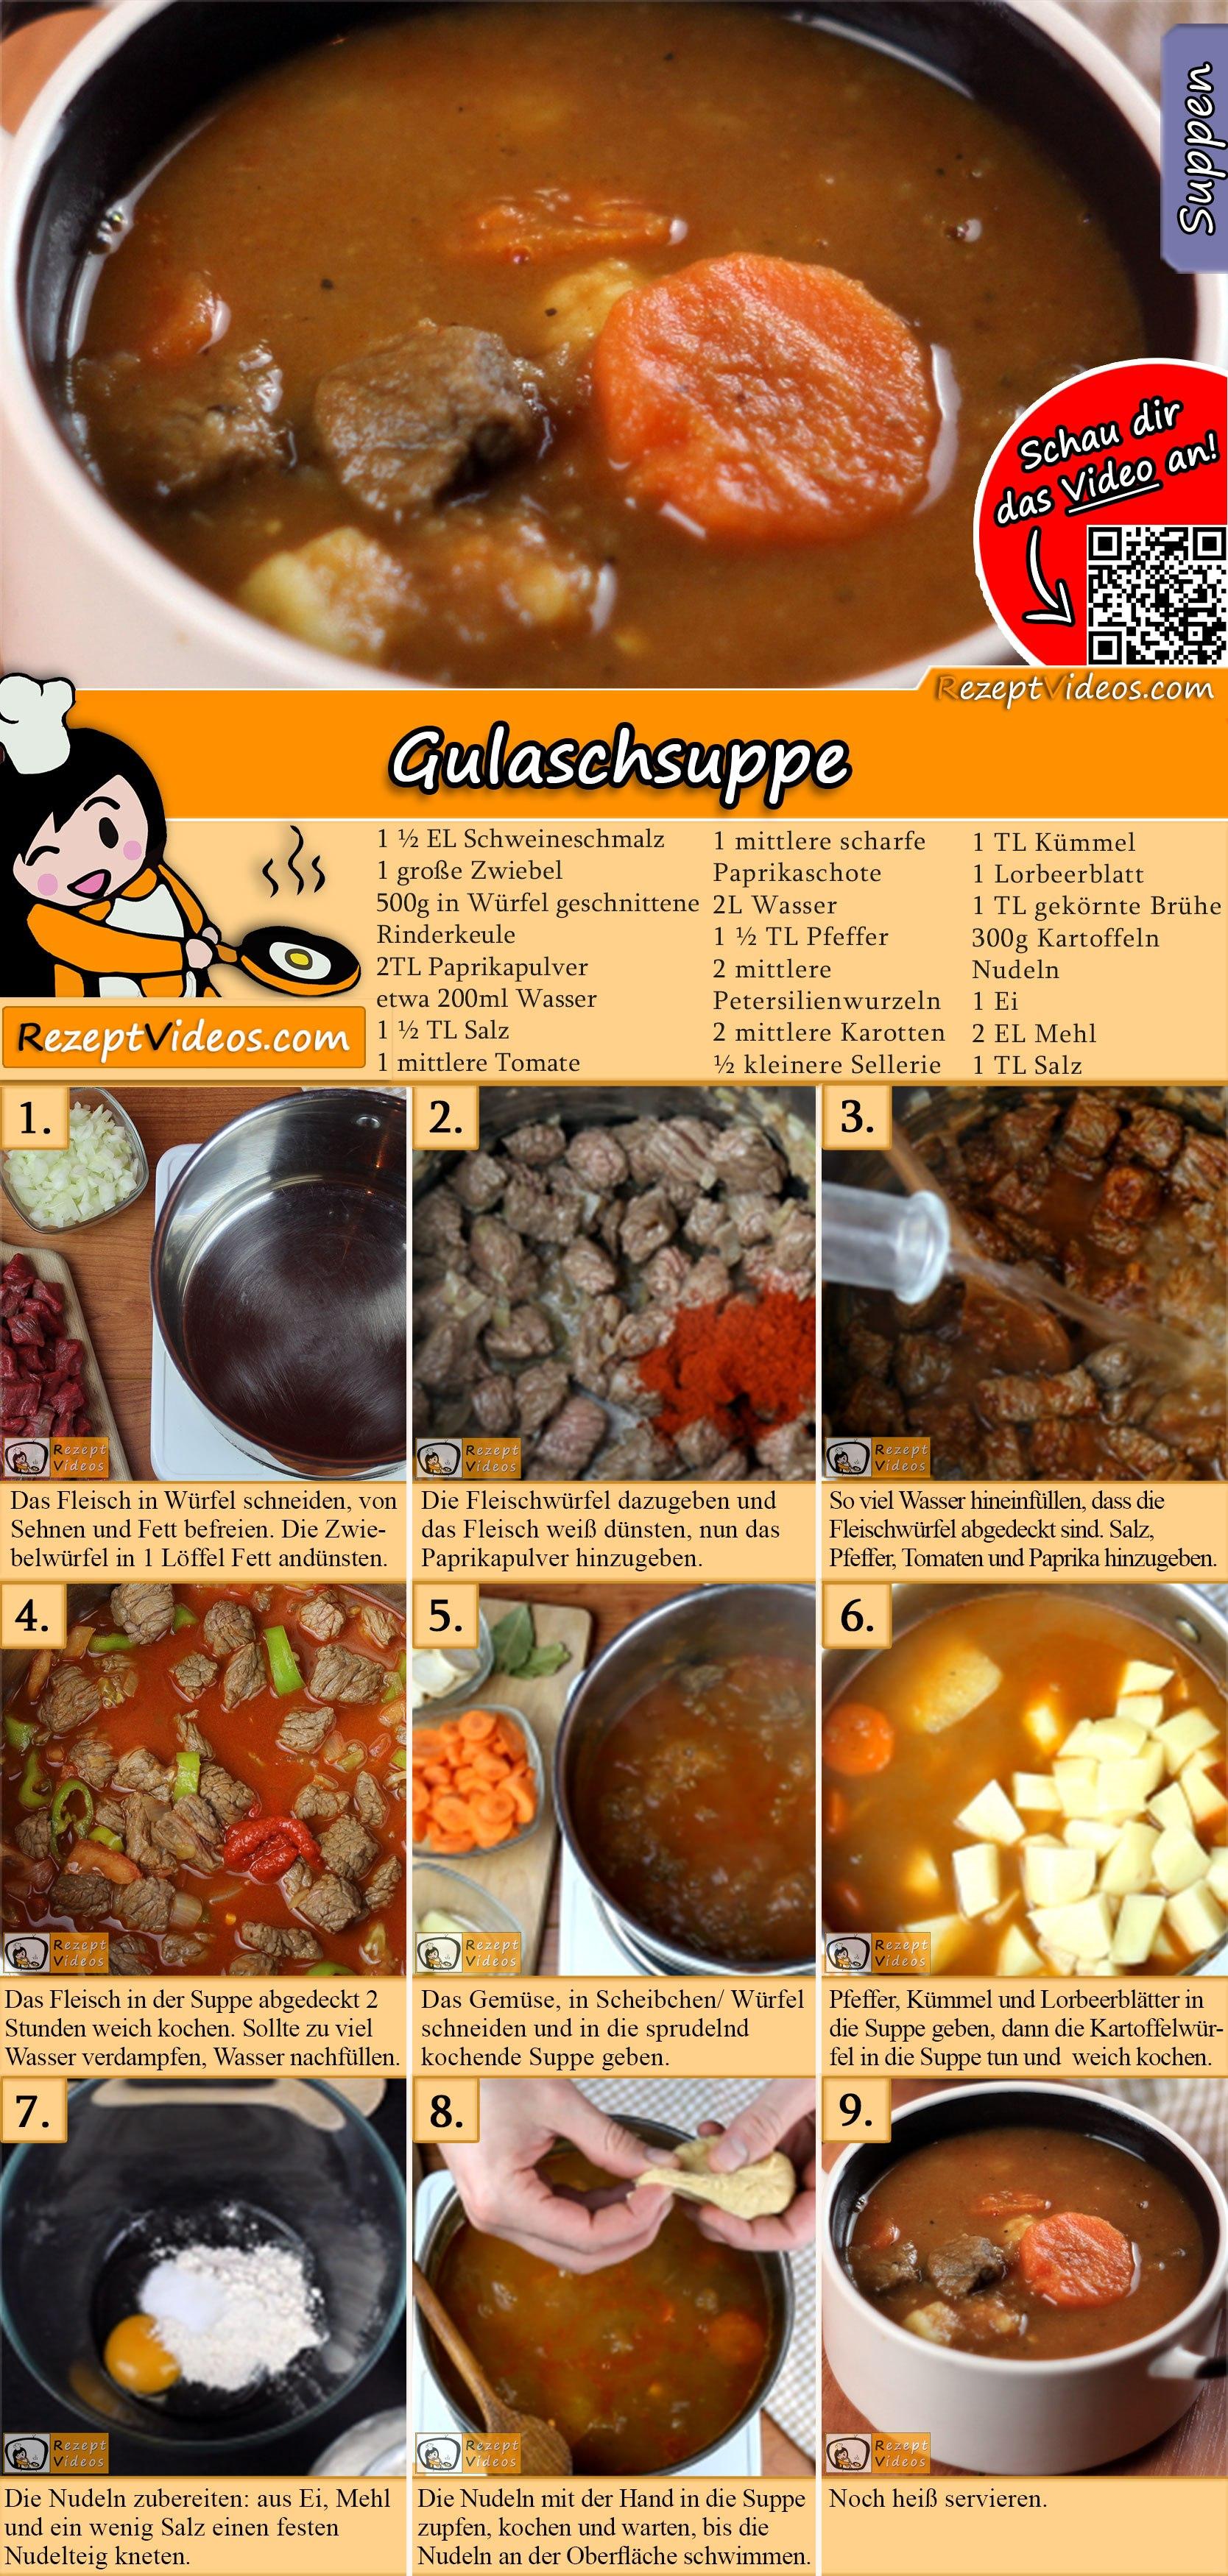 Gulaschsuppe Rezept mit Video